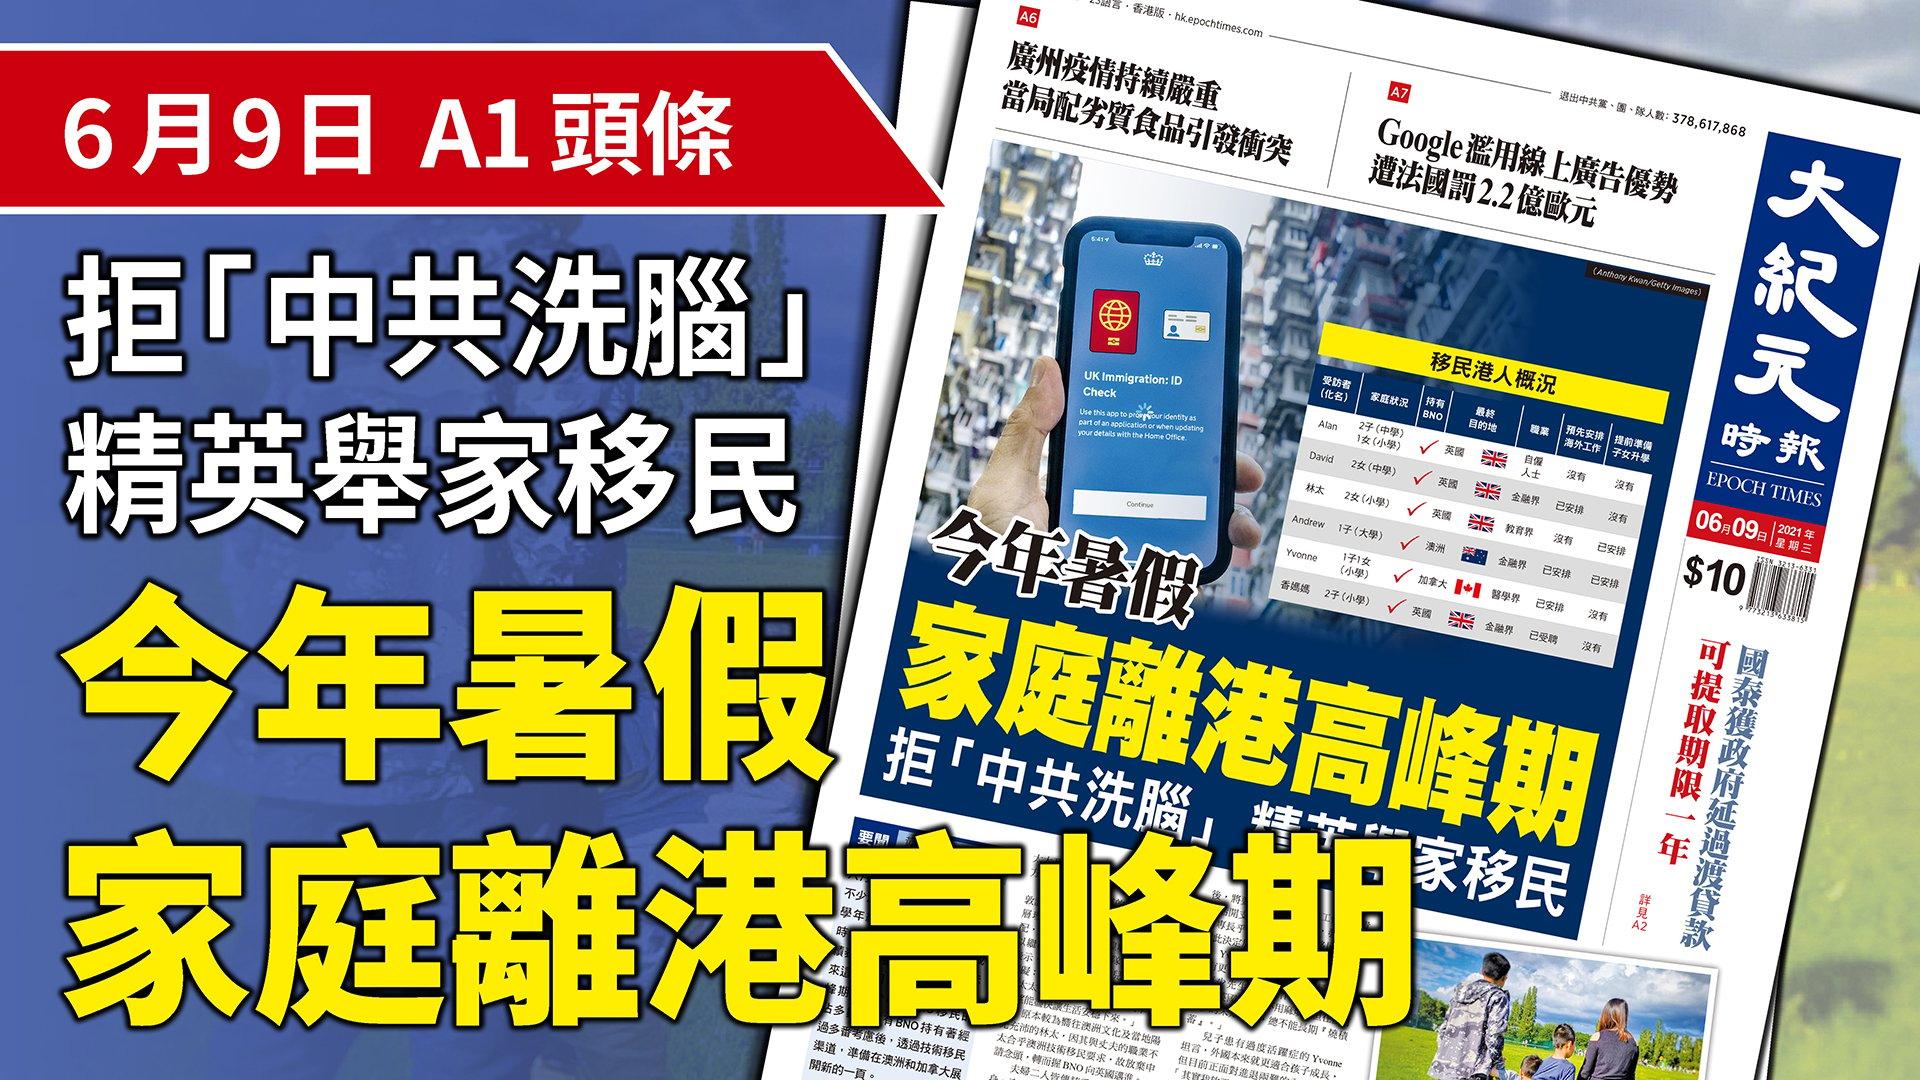 自去年中共強行實施「國安法」以來,香港自主權移交後再迎來一波移民潮。本報採訪了多個已準備離港及以抵達英國的家庭,探討不同背景家庭的考量因素、移居計劃和歷程。(大紀元製圖)